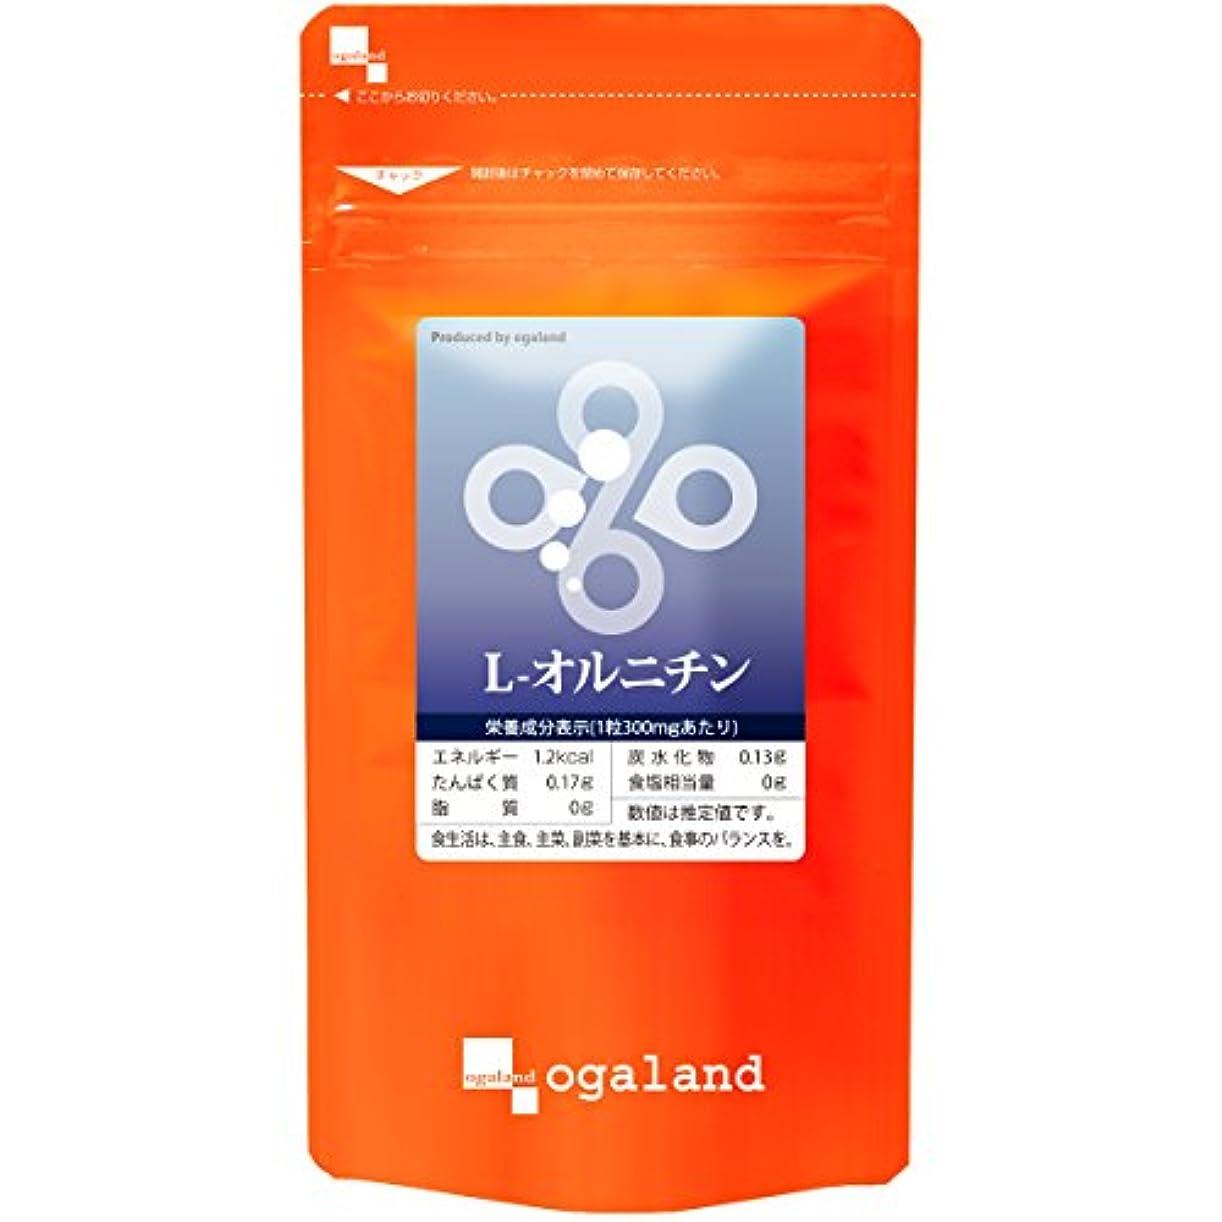 月曜完全に増加するお徳用L- オルニチン (270粒/約3ヶ月分)